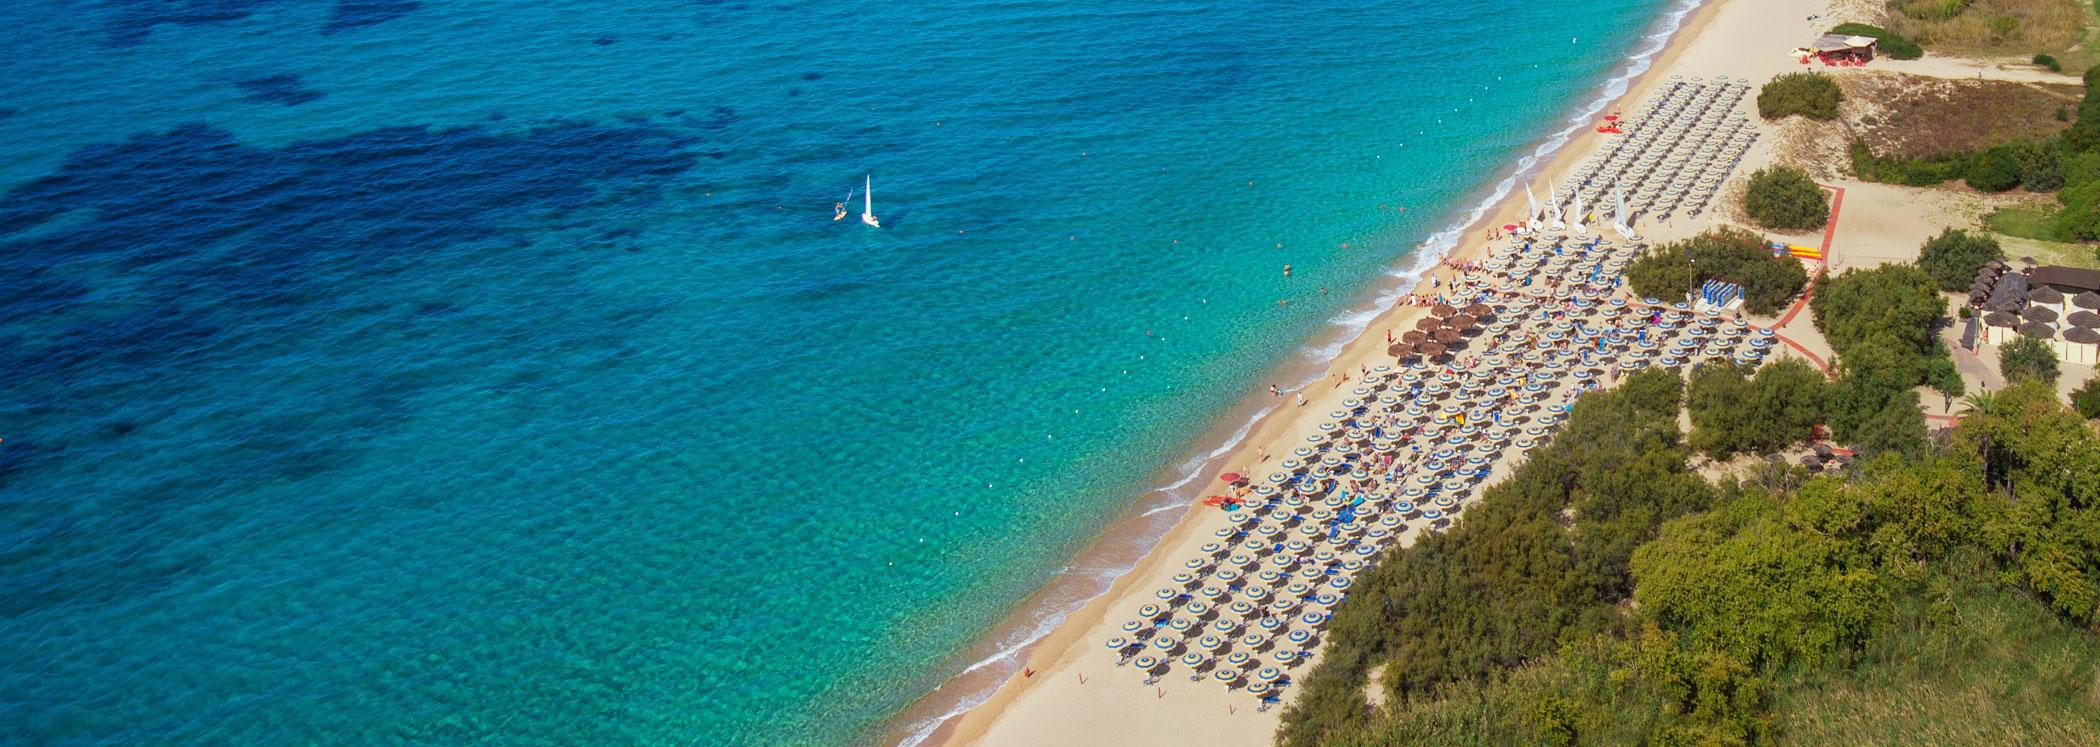 Scopri i nostri villaggi turistici e resort in sardegna for Villaggio turistico sardegna